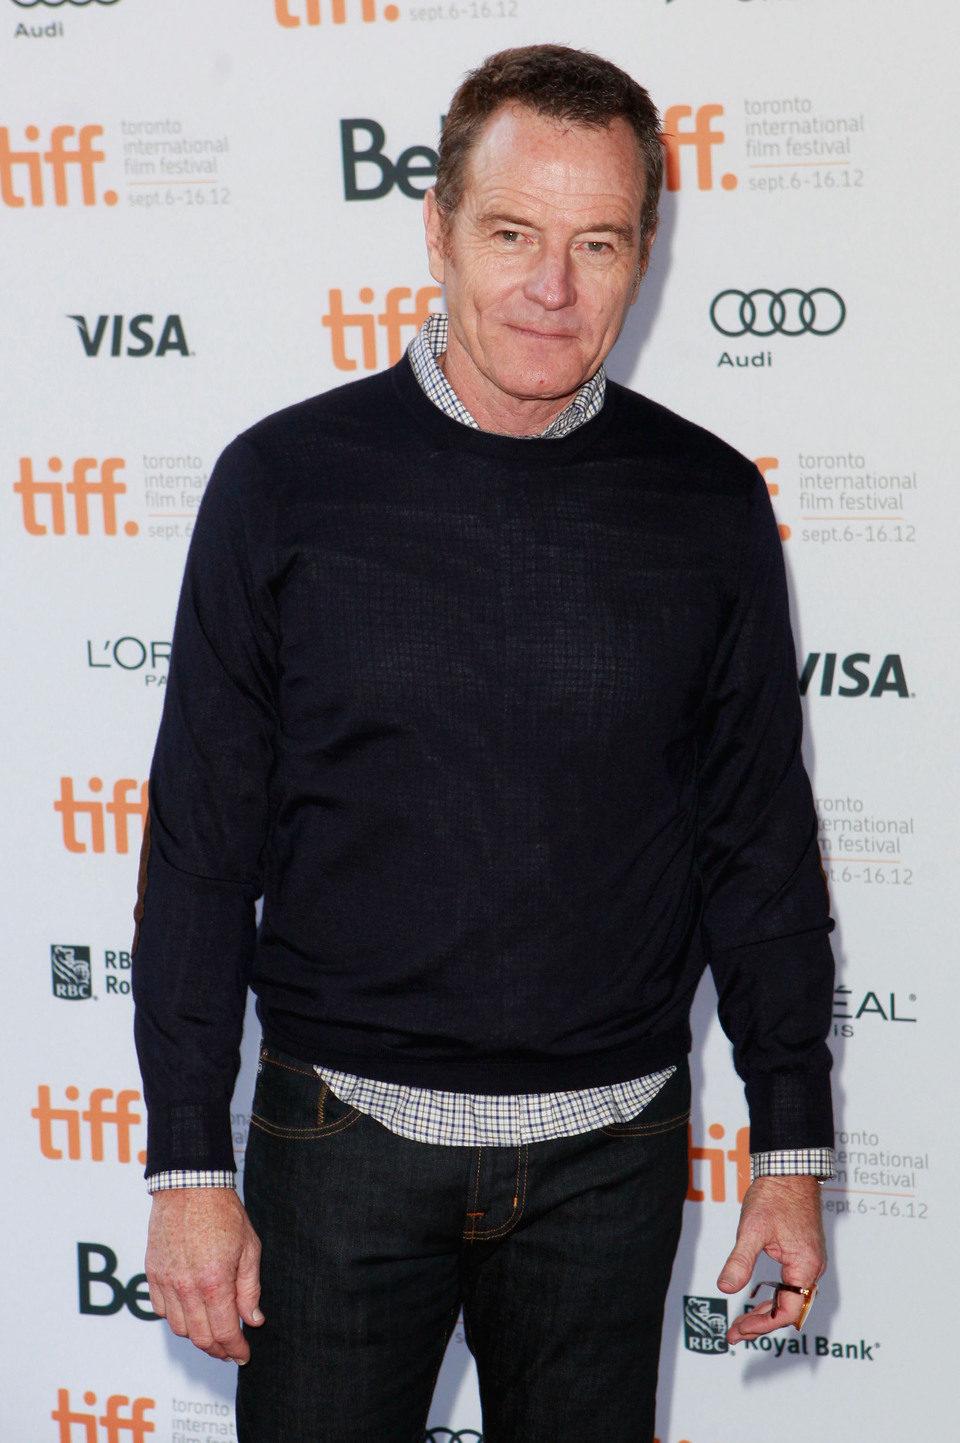 Bryan Cranston en el TIFF 2012